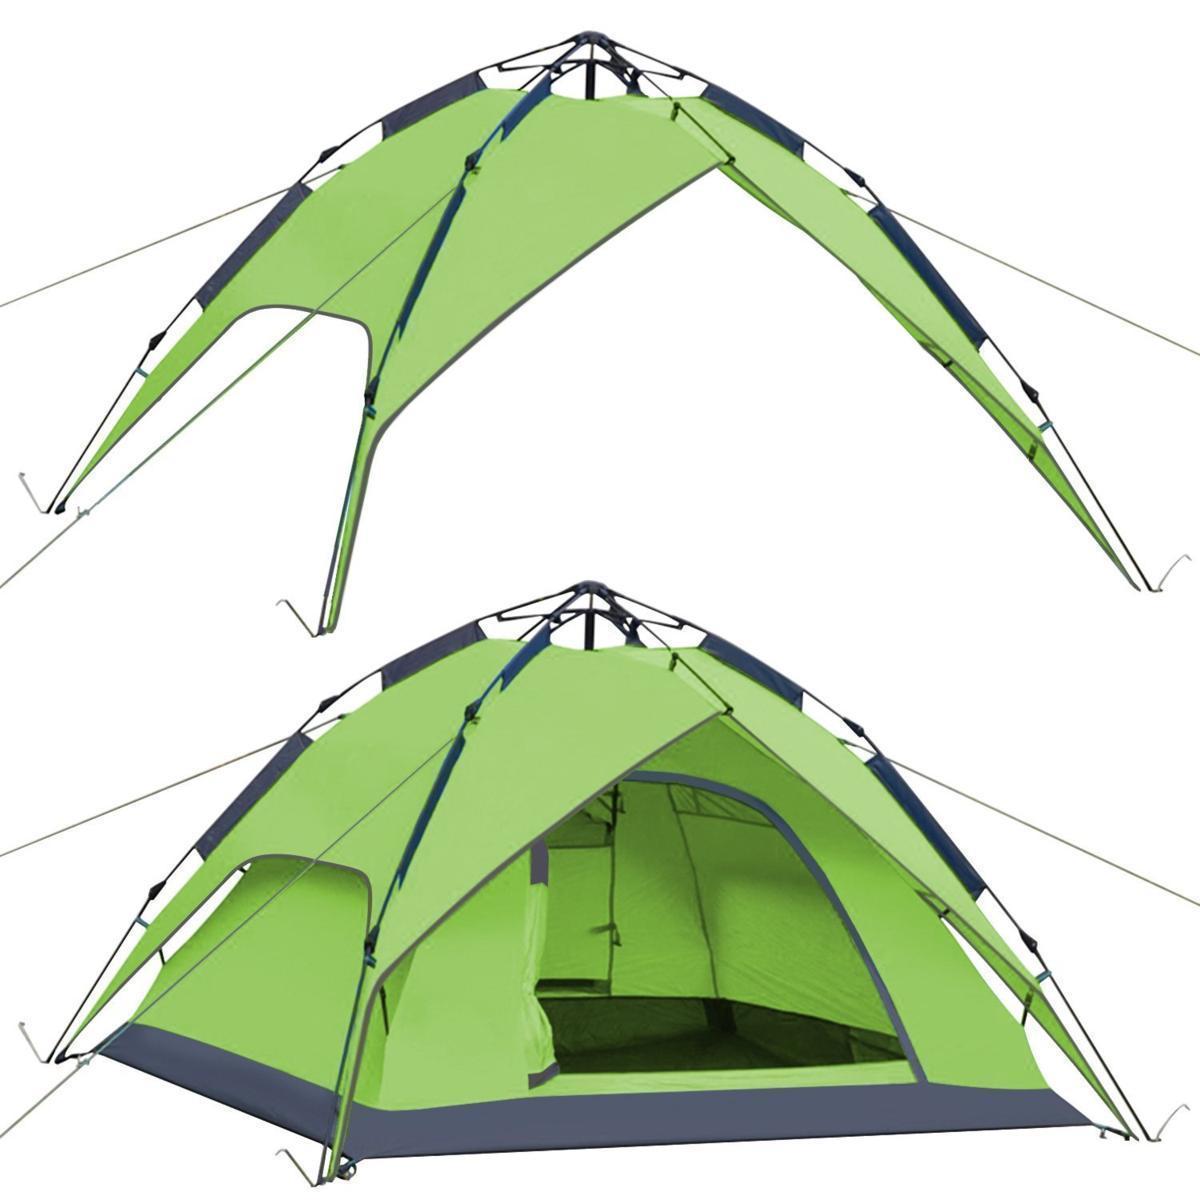 新品ワンタッチテント テント 3~4人用 設営簡単 防災用 2WAY キャンプ用品 撥水加工 紫外線防止 登山 折りたたみ 防水 通気性TT087_画像4